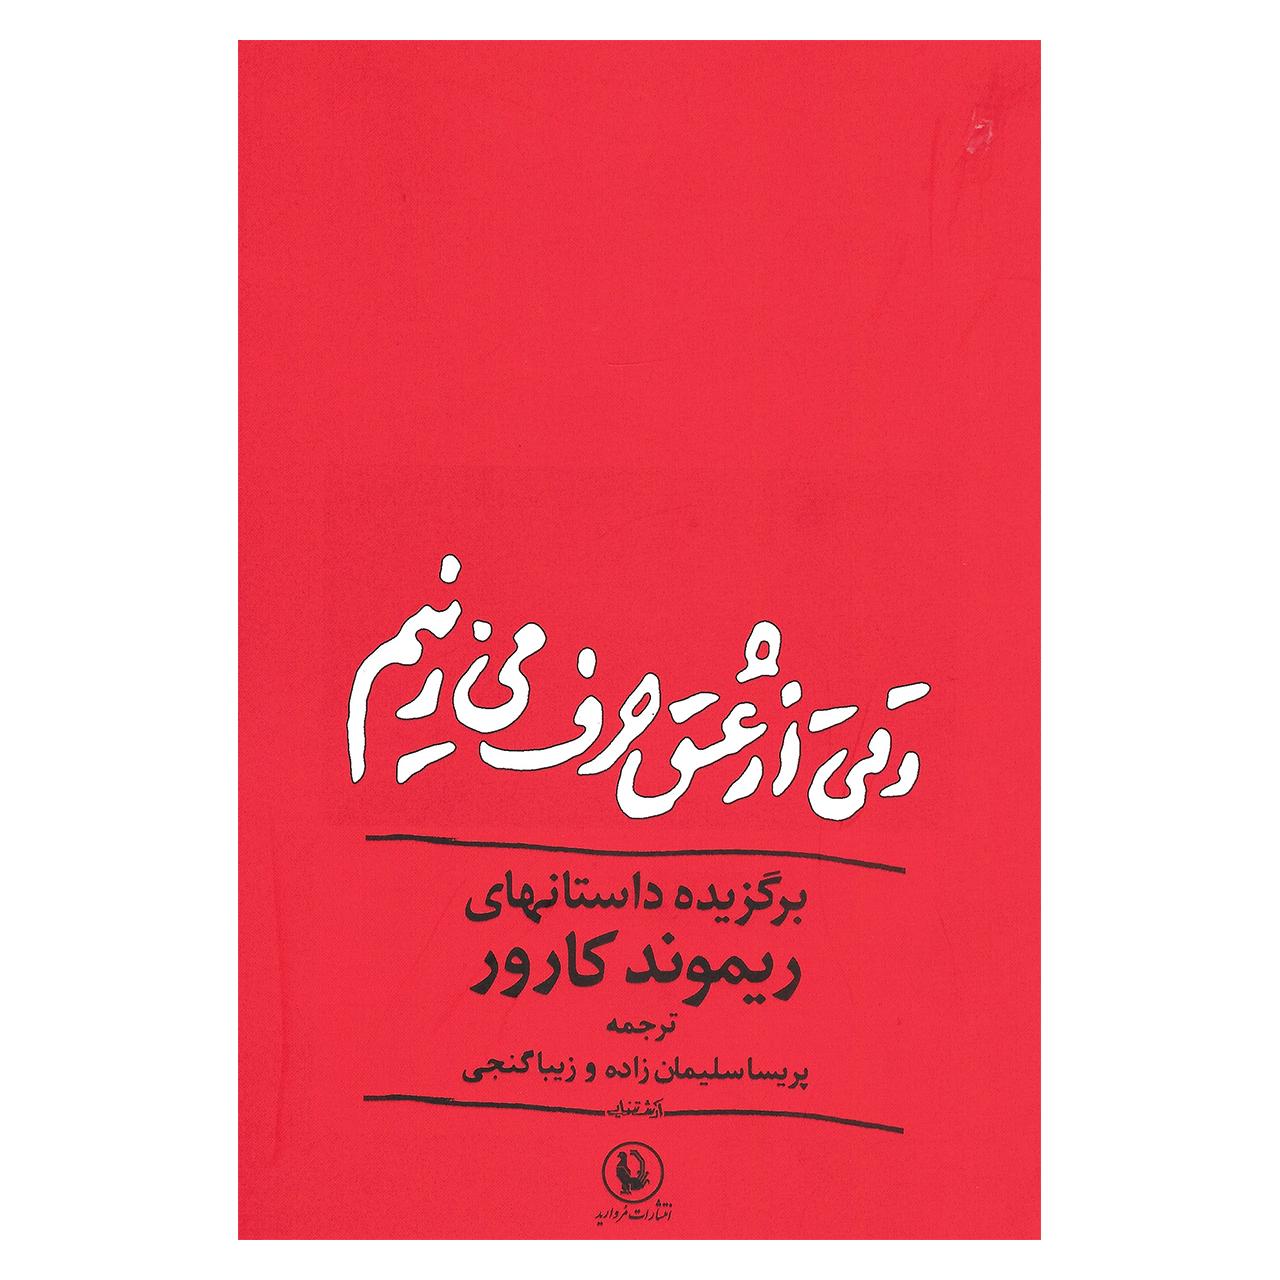 کتاب وقتی از عشق حرف می زنیم اثر ریموند کارور انتشارات مروارید